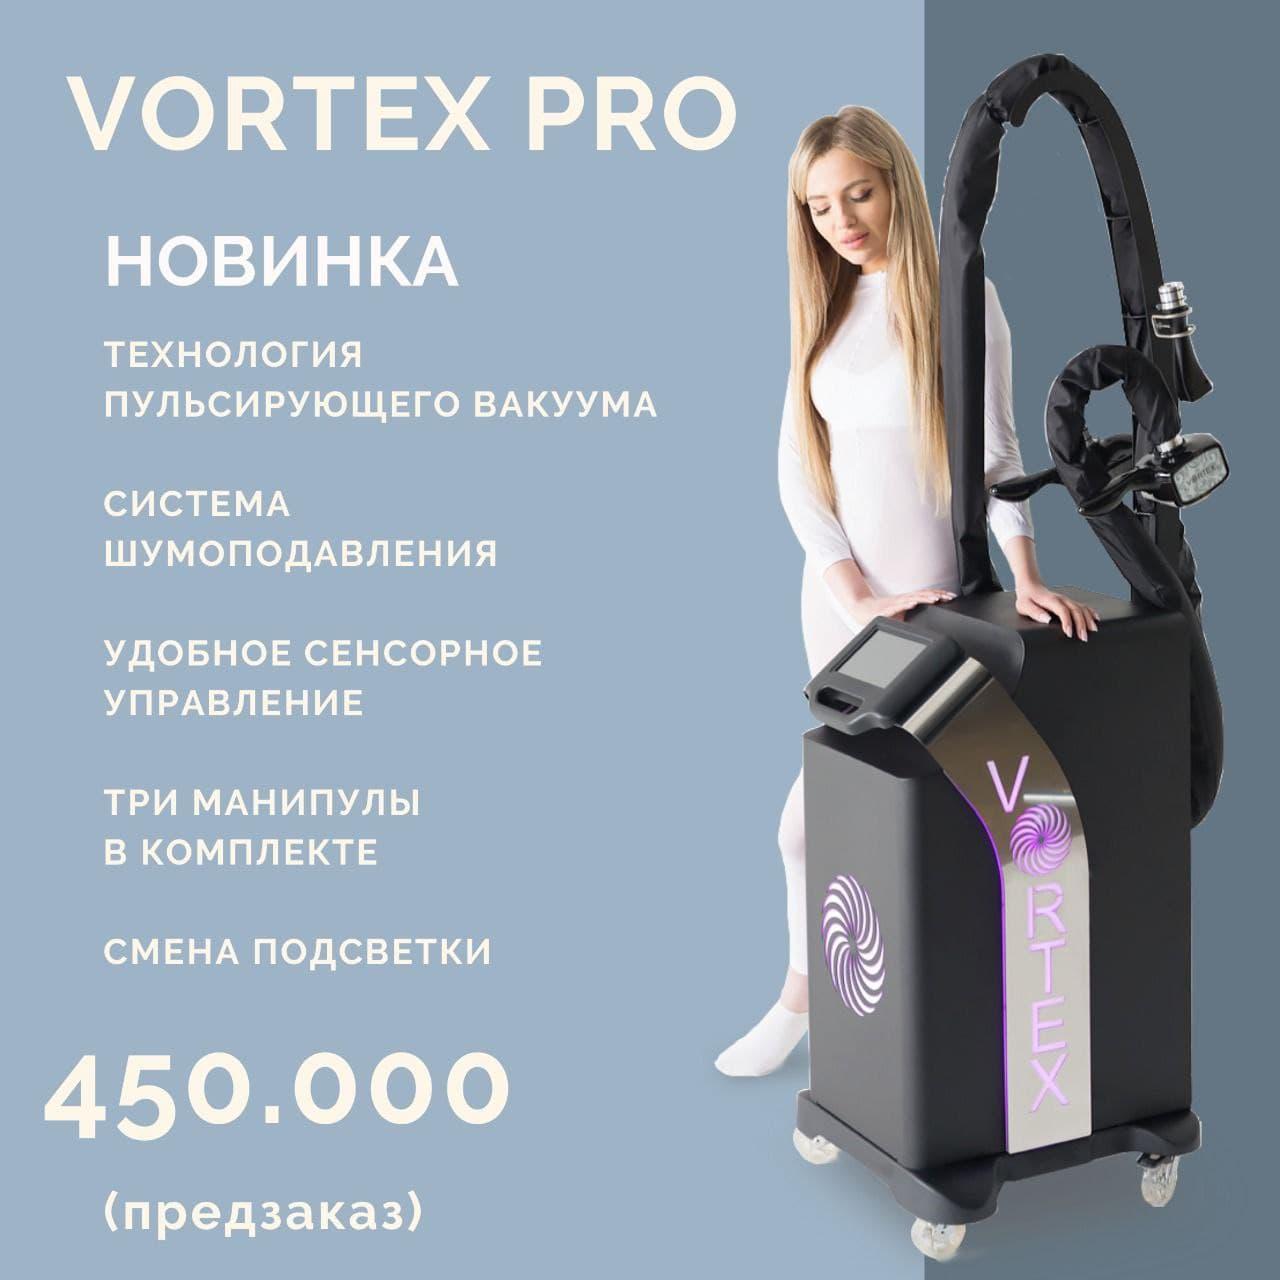 Vortex Pro